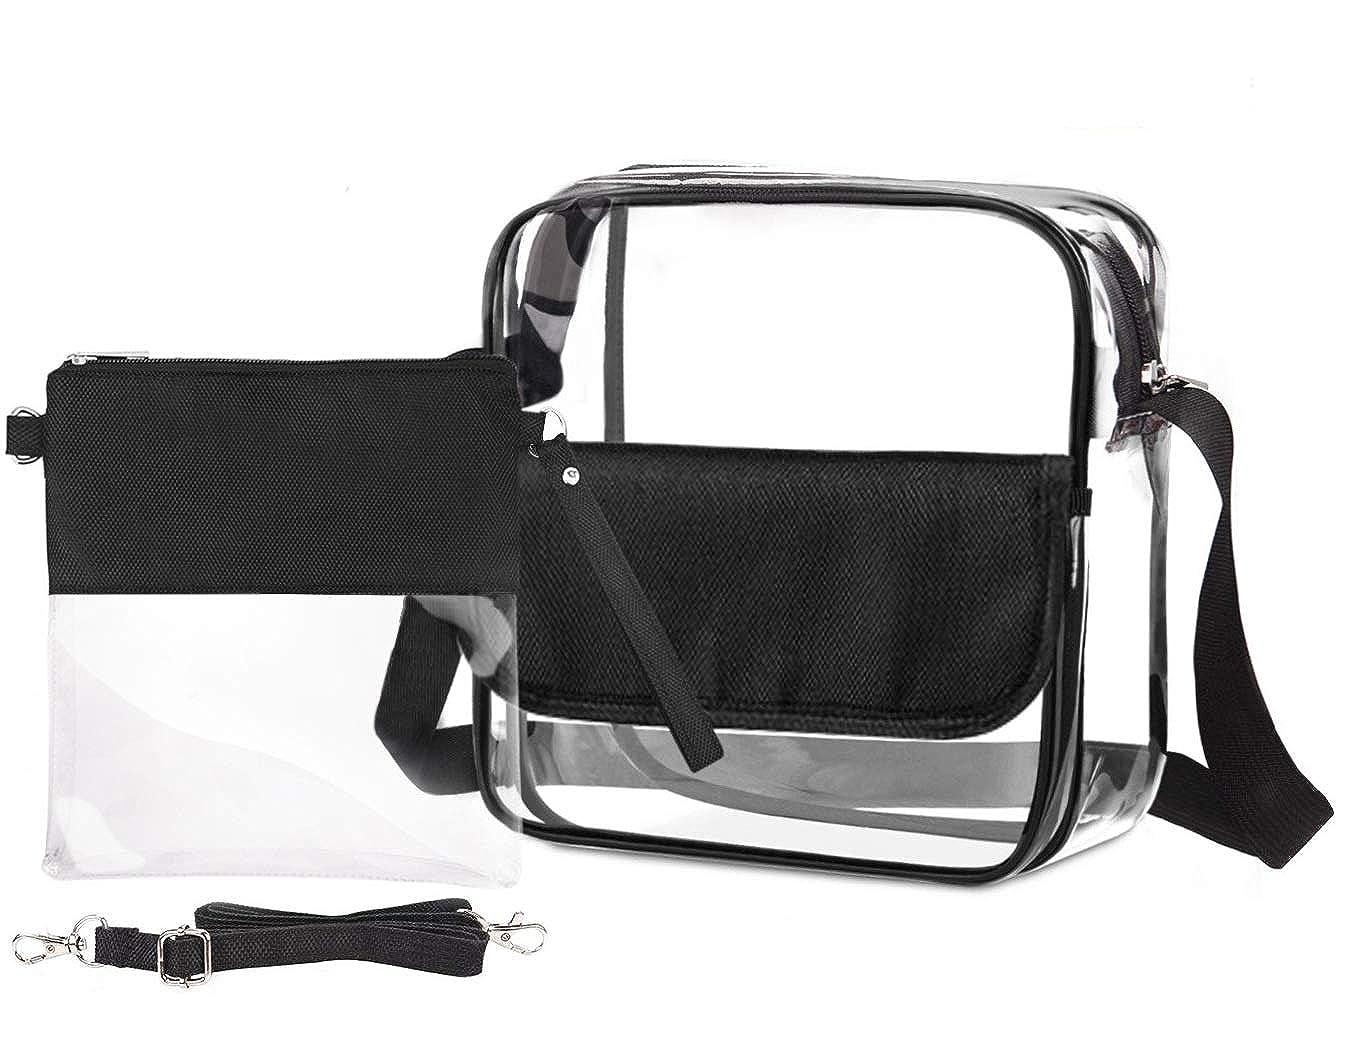 Amanz Designs Women 2 in 1 Style Clear Crossbody Handbag Purse Bag NFL PGA Stadium Approved Bag Clutch Bag